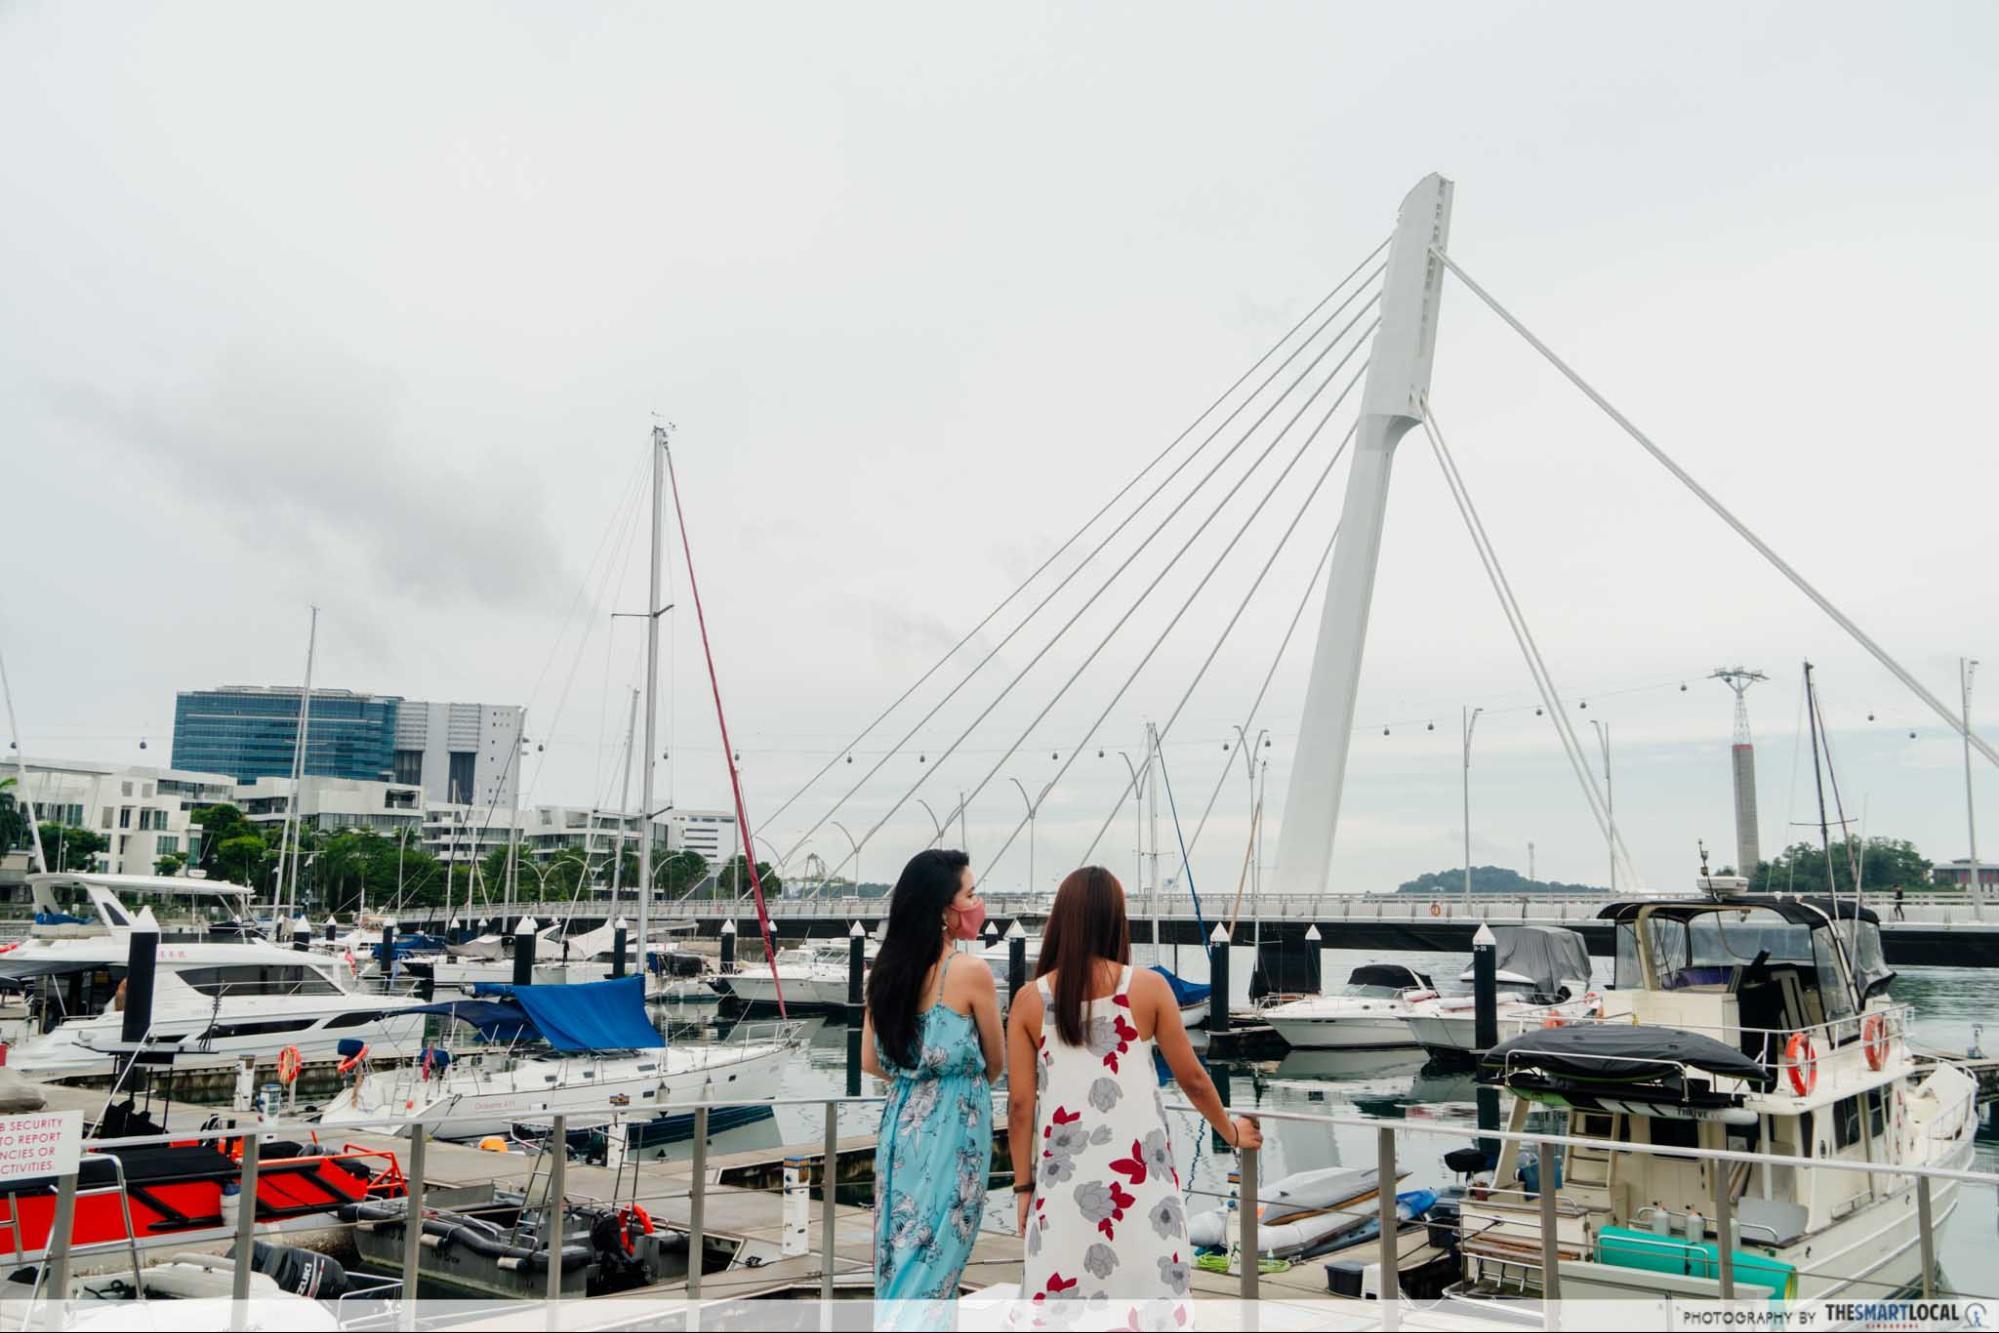 Marina at Keppel Bay - Scenic Waterfront